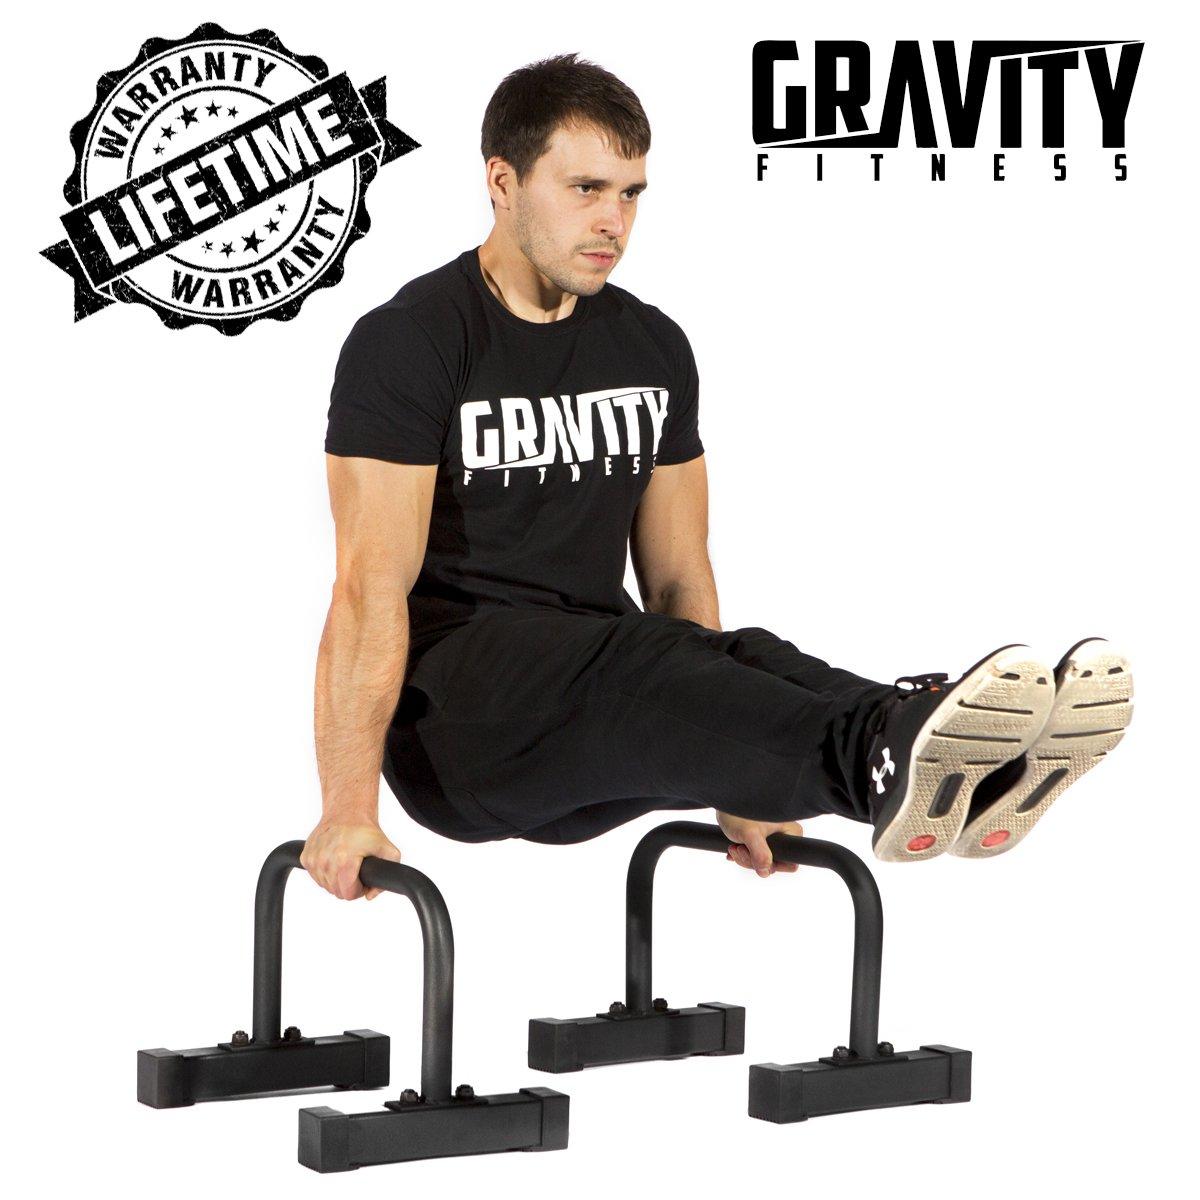 GRAVITY FITNESS Paralelas para crossfit calistenia gimnasia y pesas